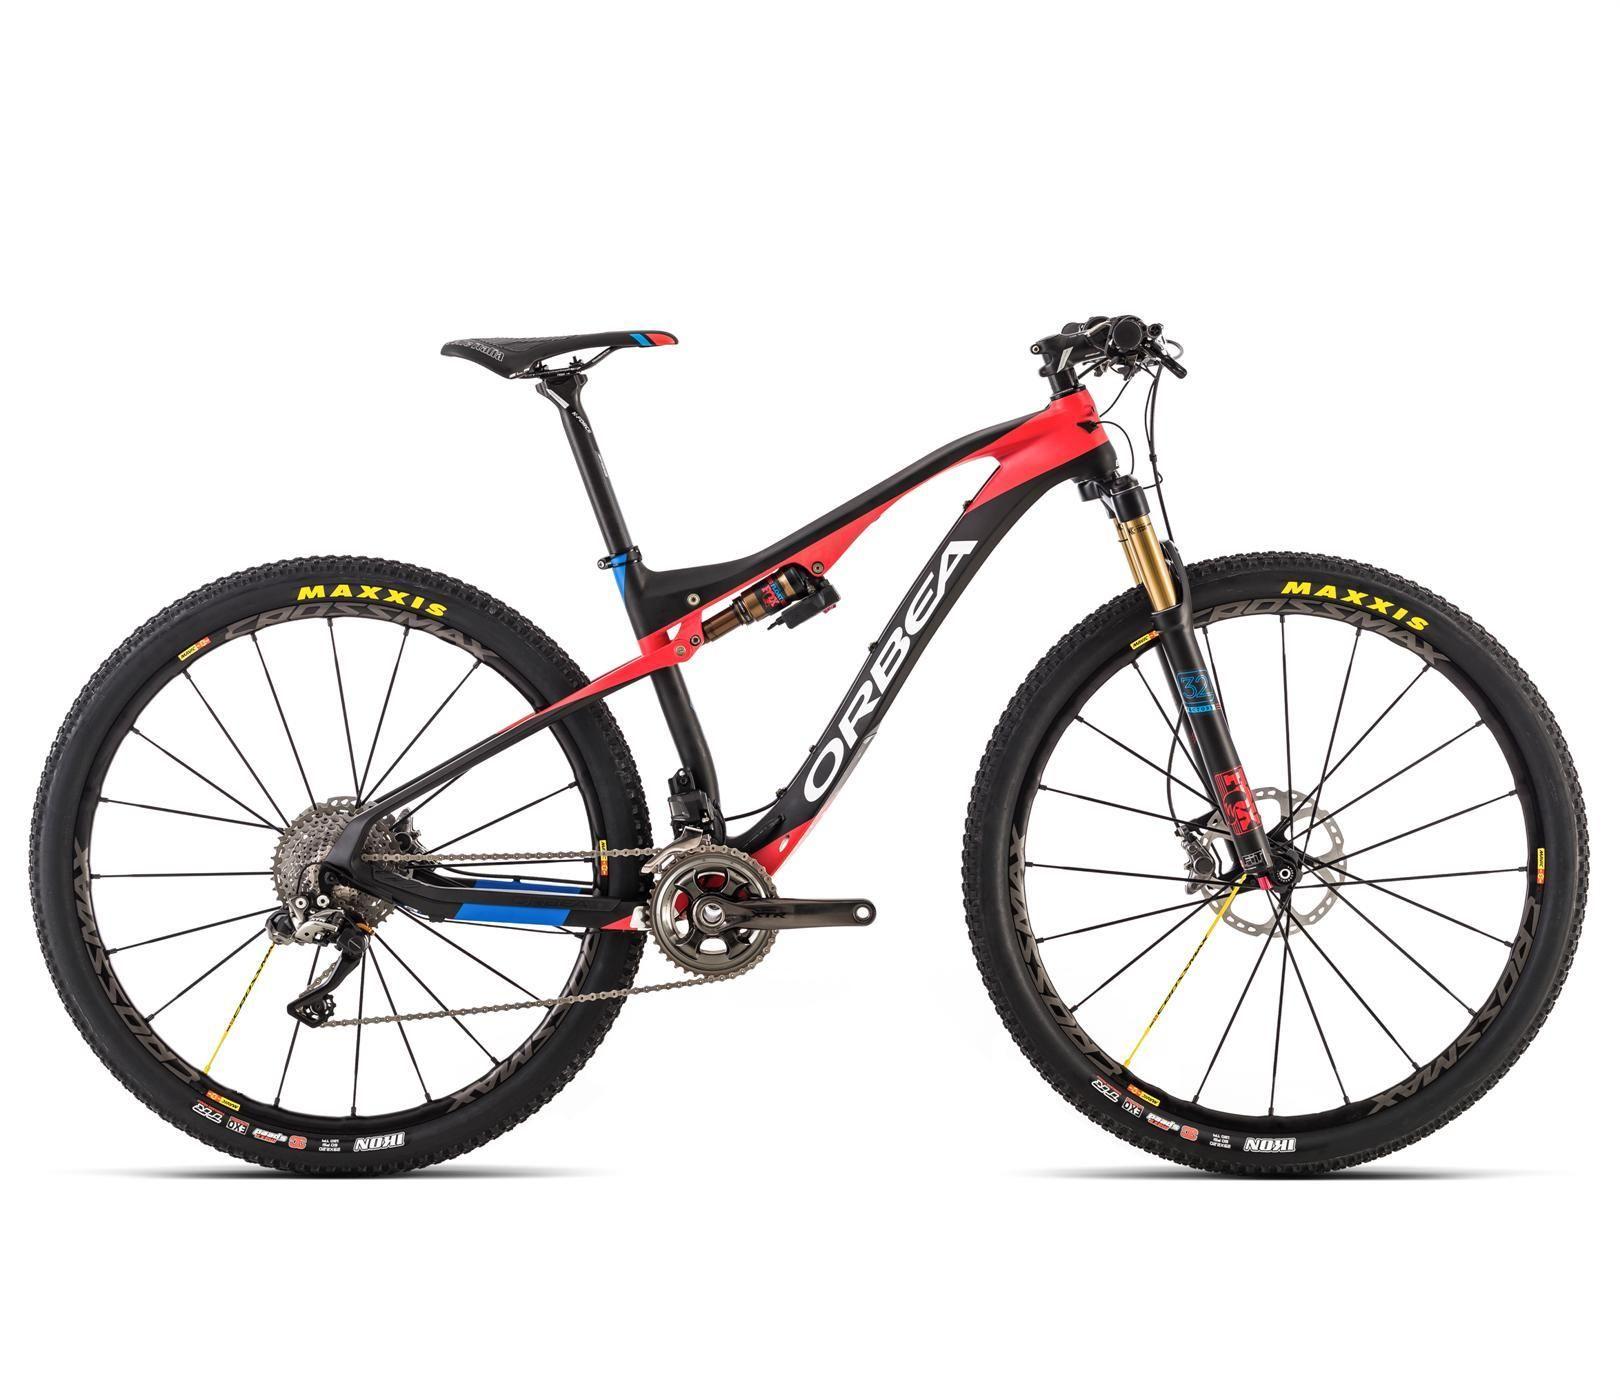 Orbea Oiz 29 M Ltd 2016 Mountain Bike Bike Mountain Biking Bicycle